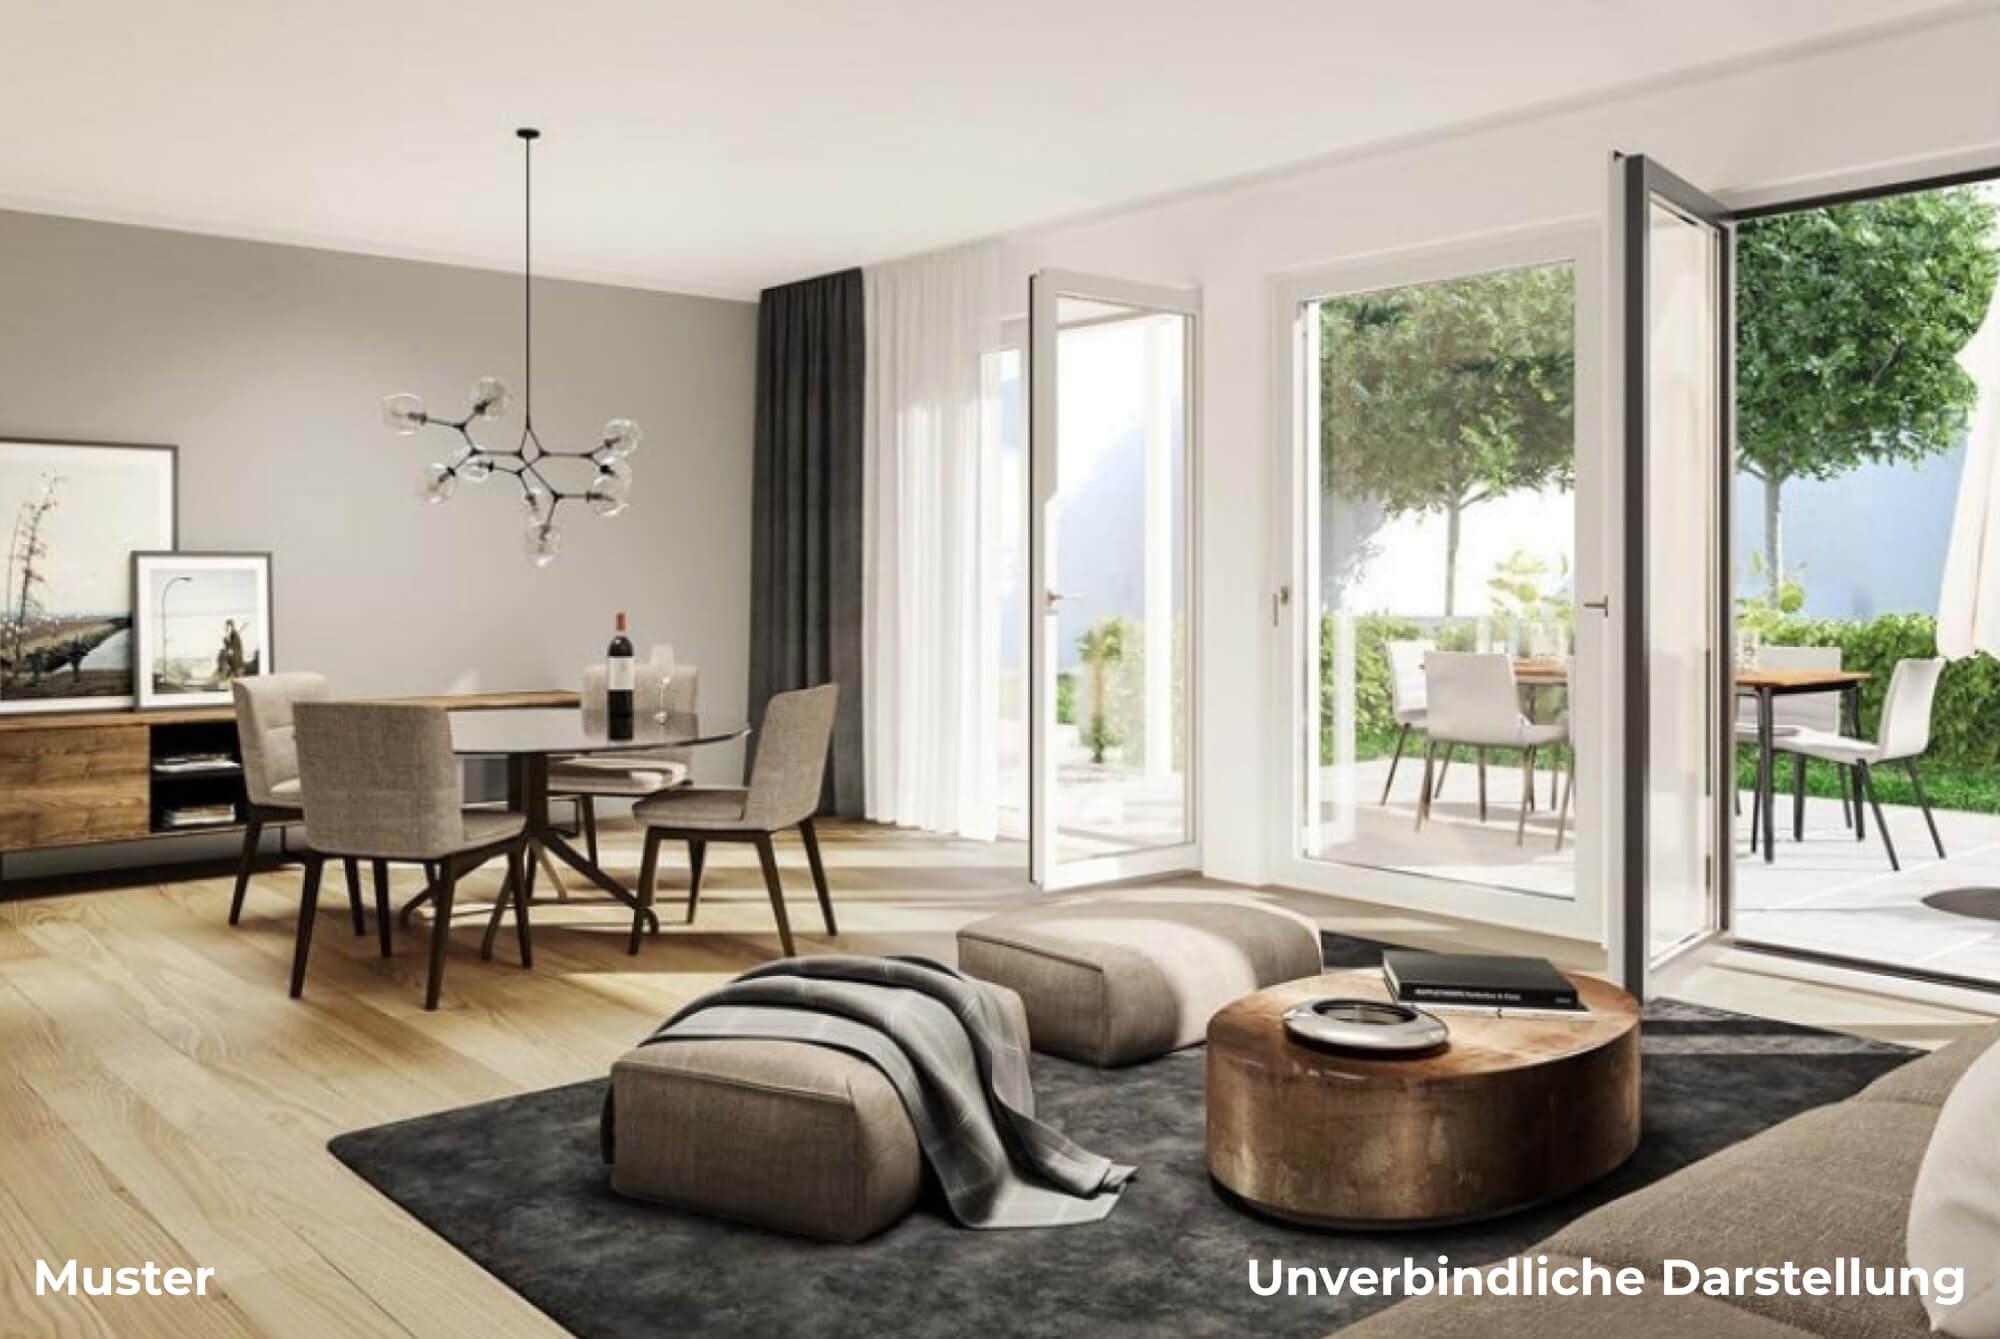 NEUBAU!! 4-Zimmer-Eigentumswohnungen mit Parkhaus-Stellplatz in Ennepetal!